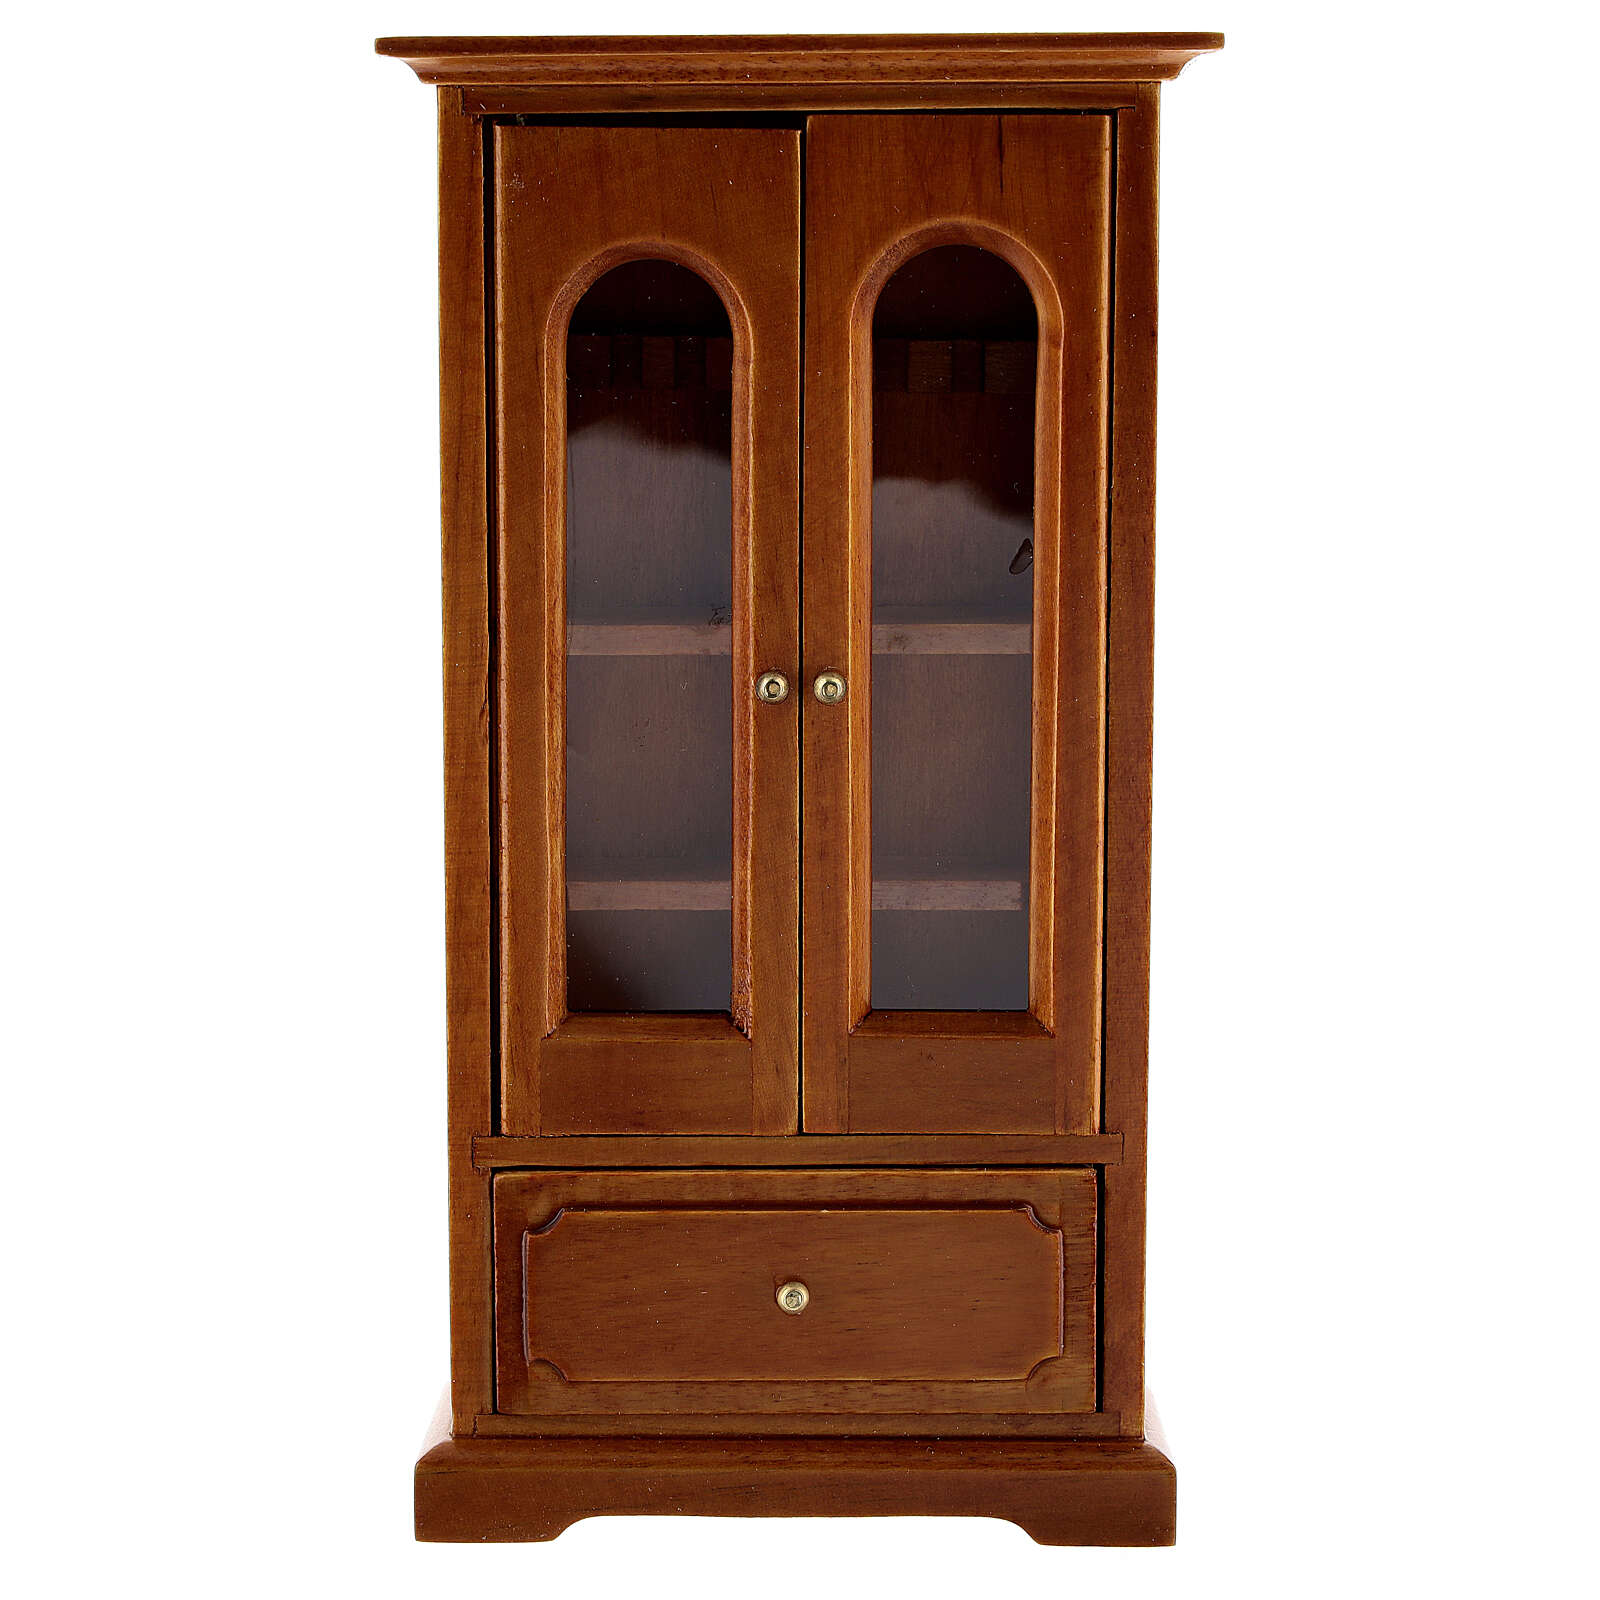 Armário madeira miniatura 14,5x7,5x3 cm para presépio com figuras altura média 12 cm 4